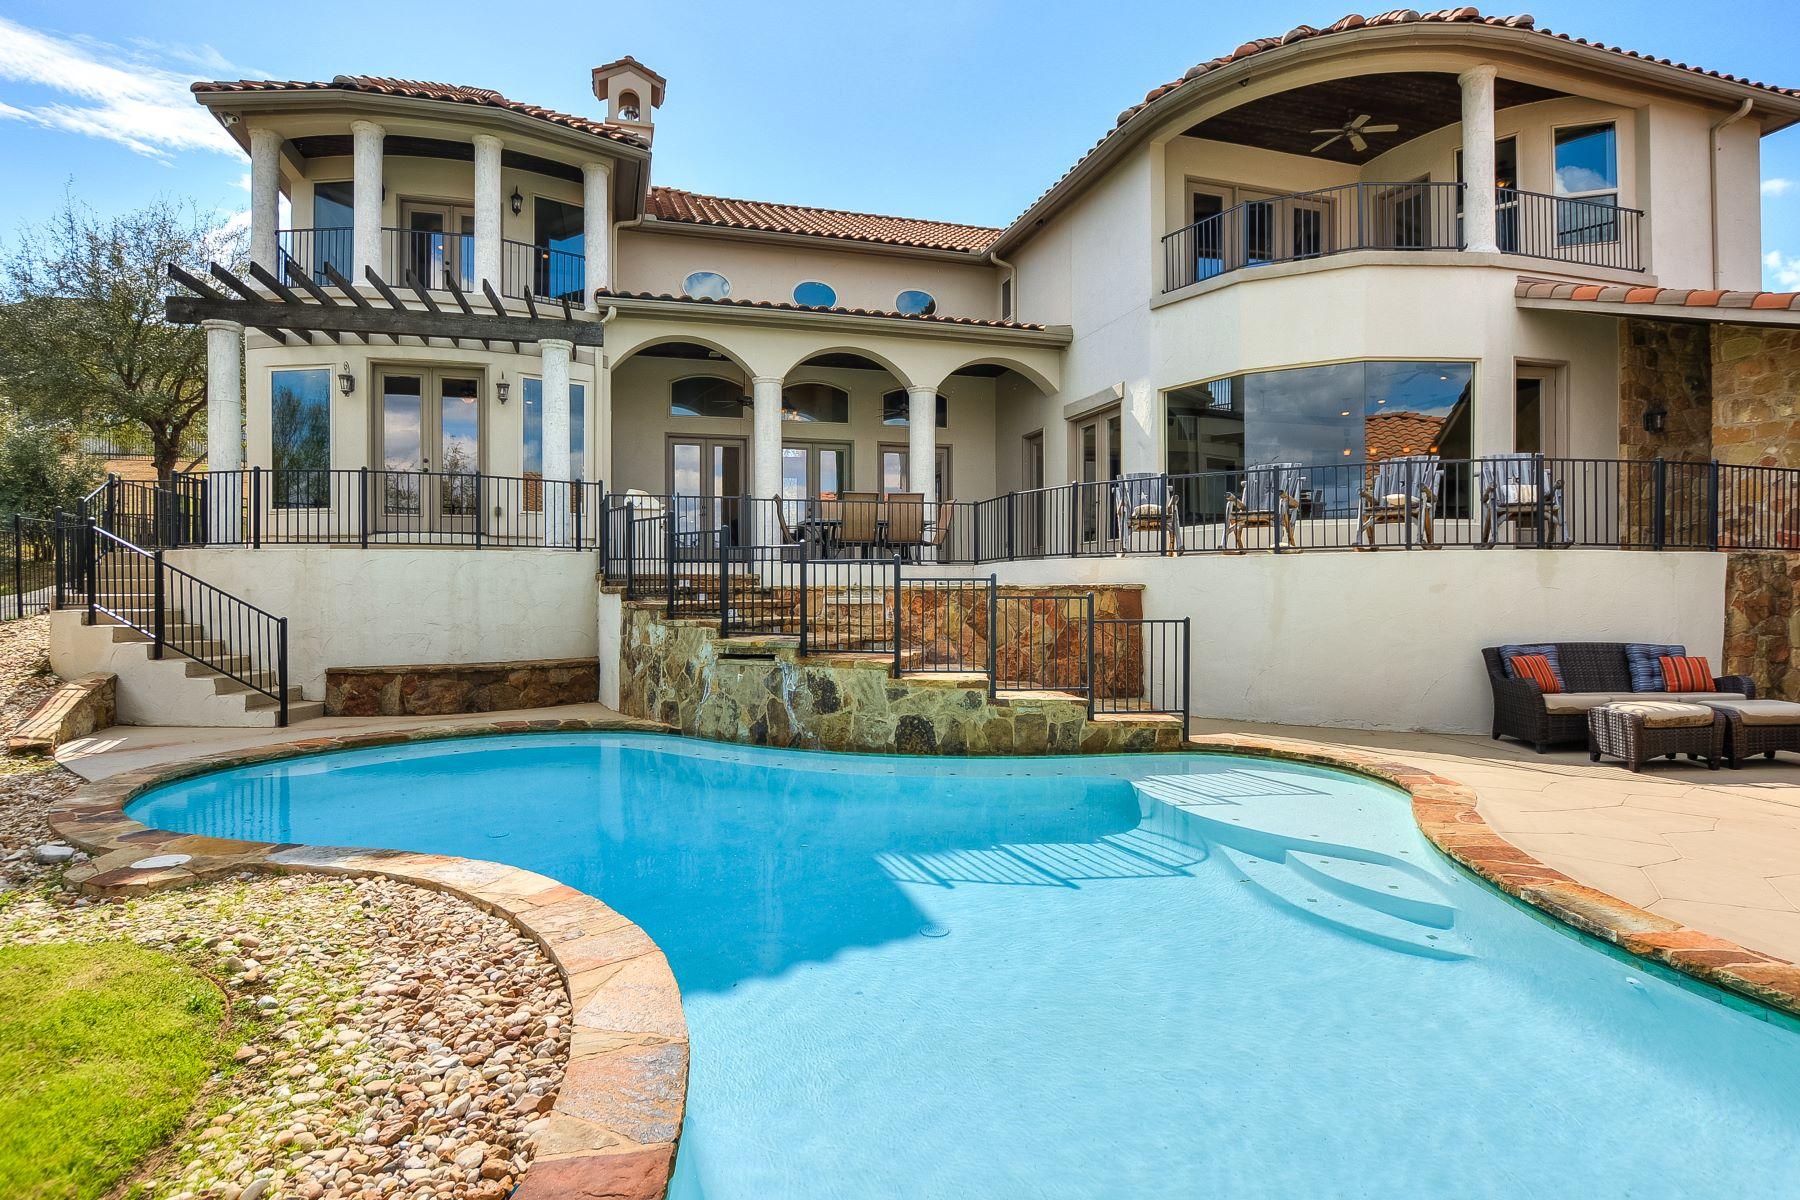 Casa Unifamiliar por un Venta en Lake Travis Water Front Estate With Stunning Views 17508 Northlake Hills Drive Jonestown, Texas 78645 Estados Unidos